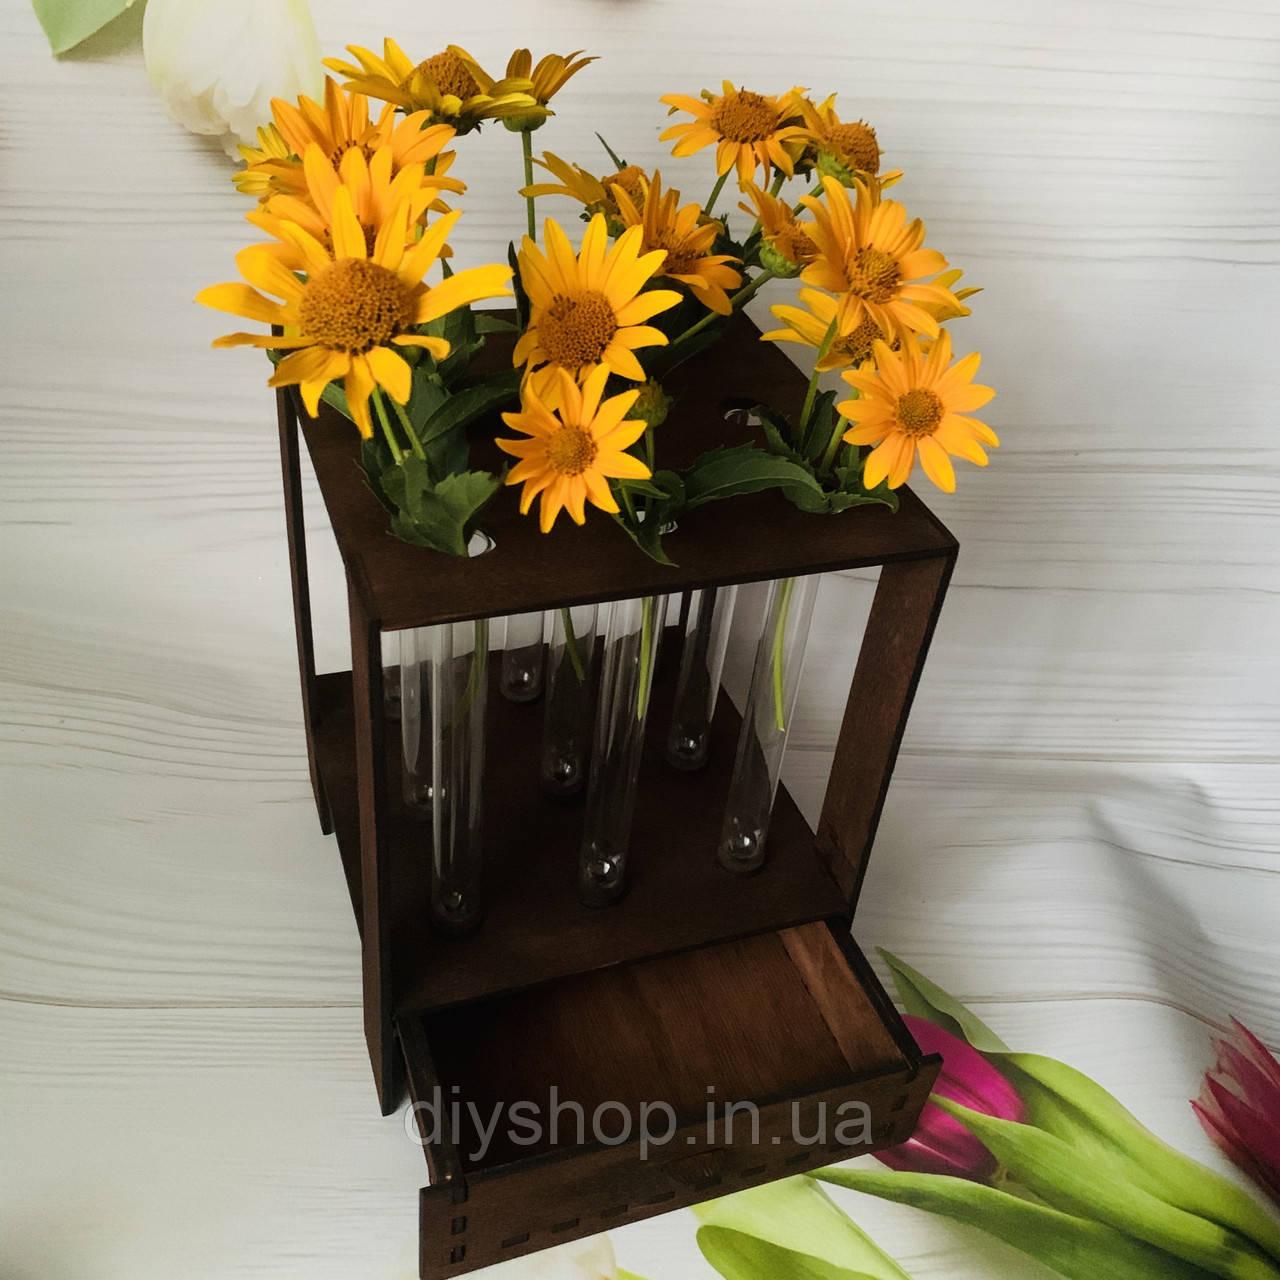 Підставка під квіти